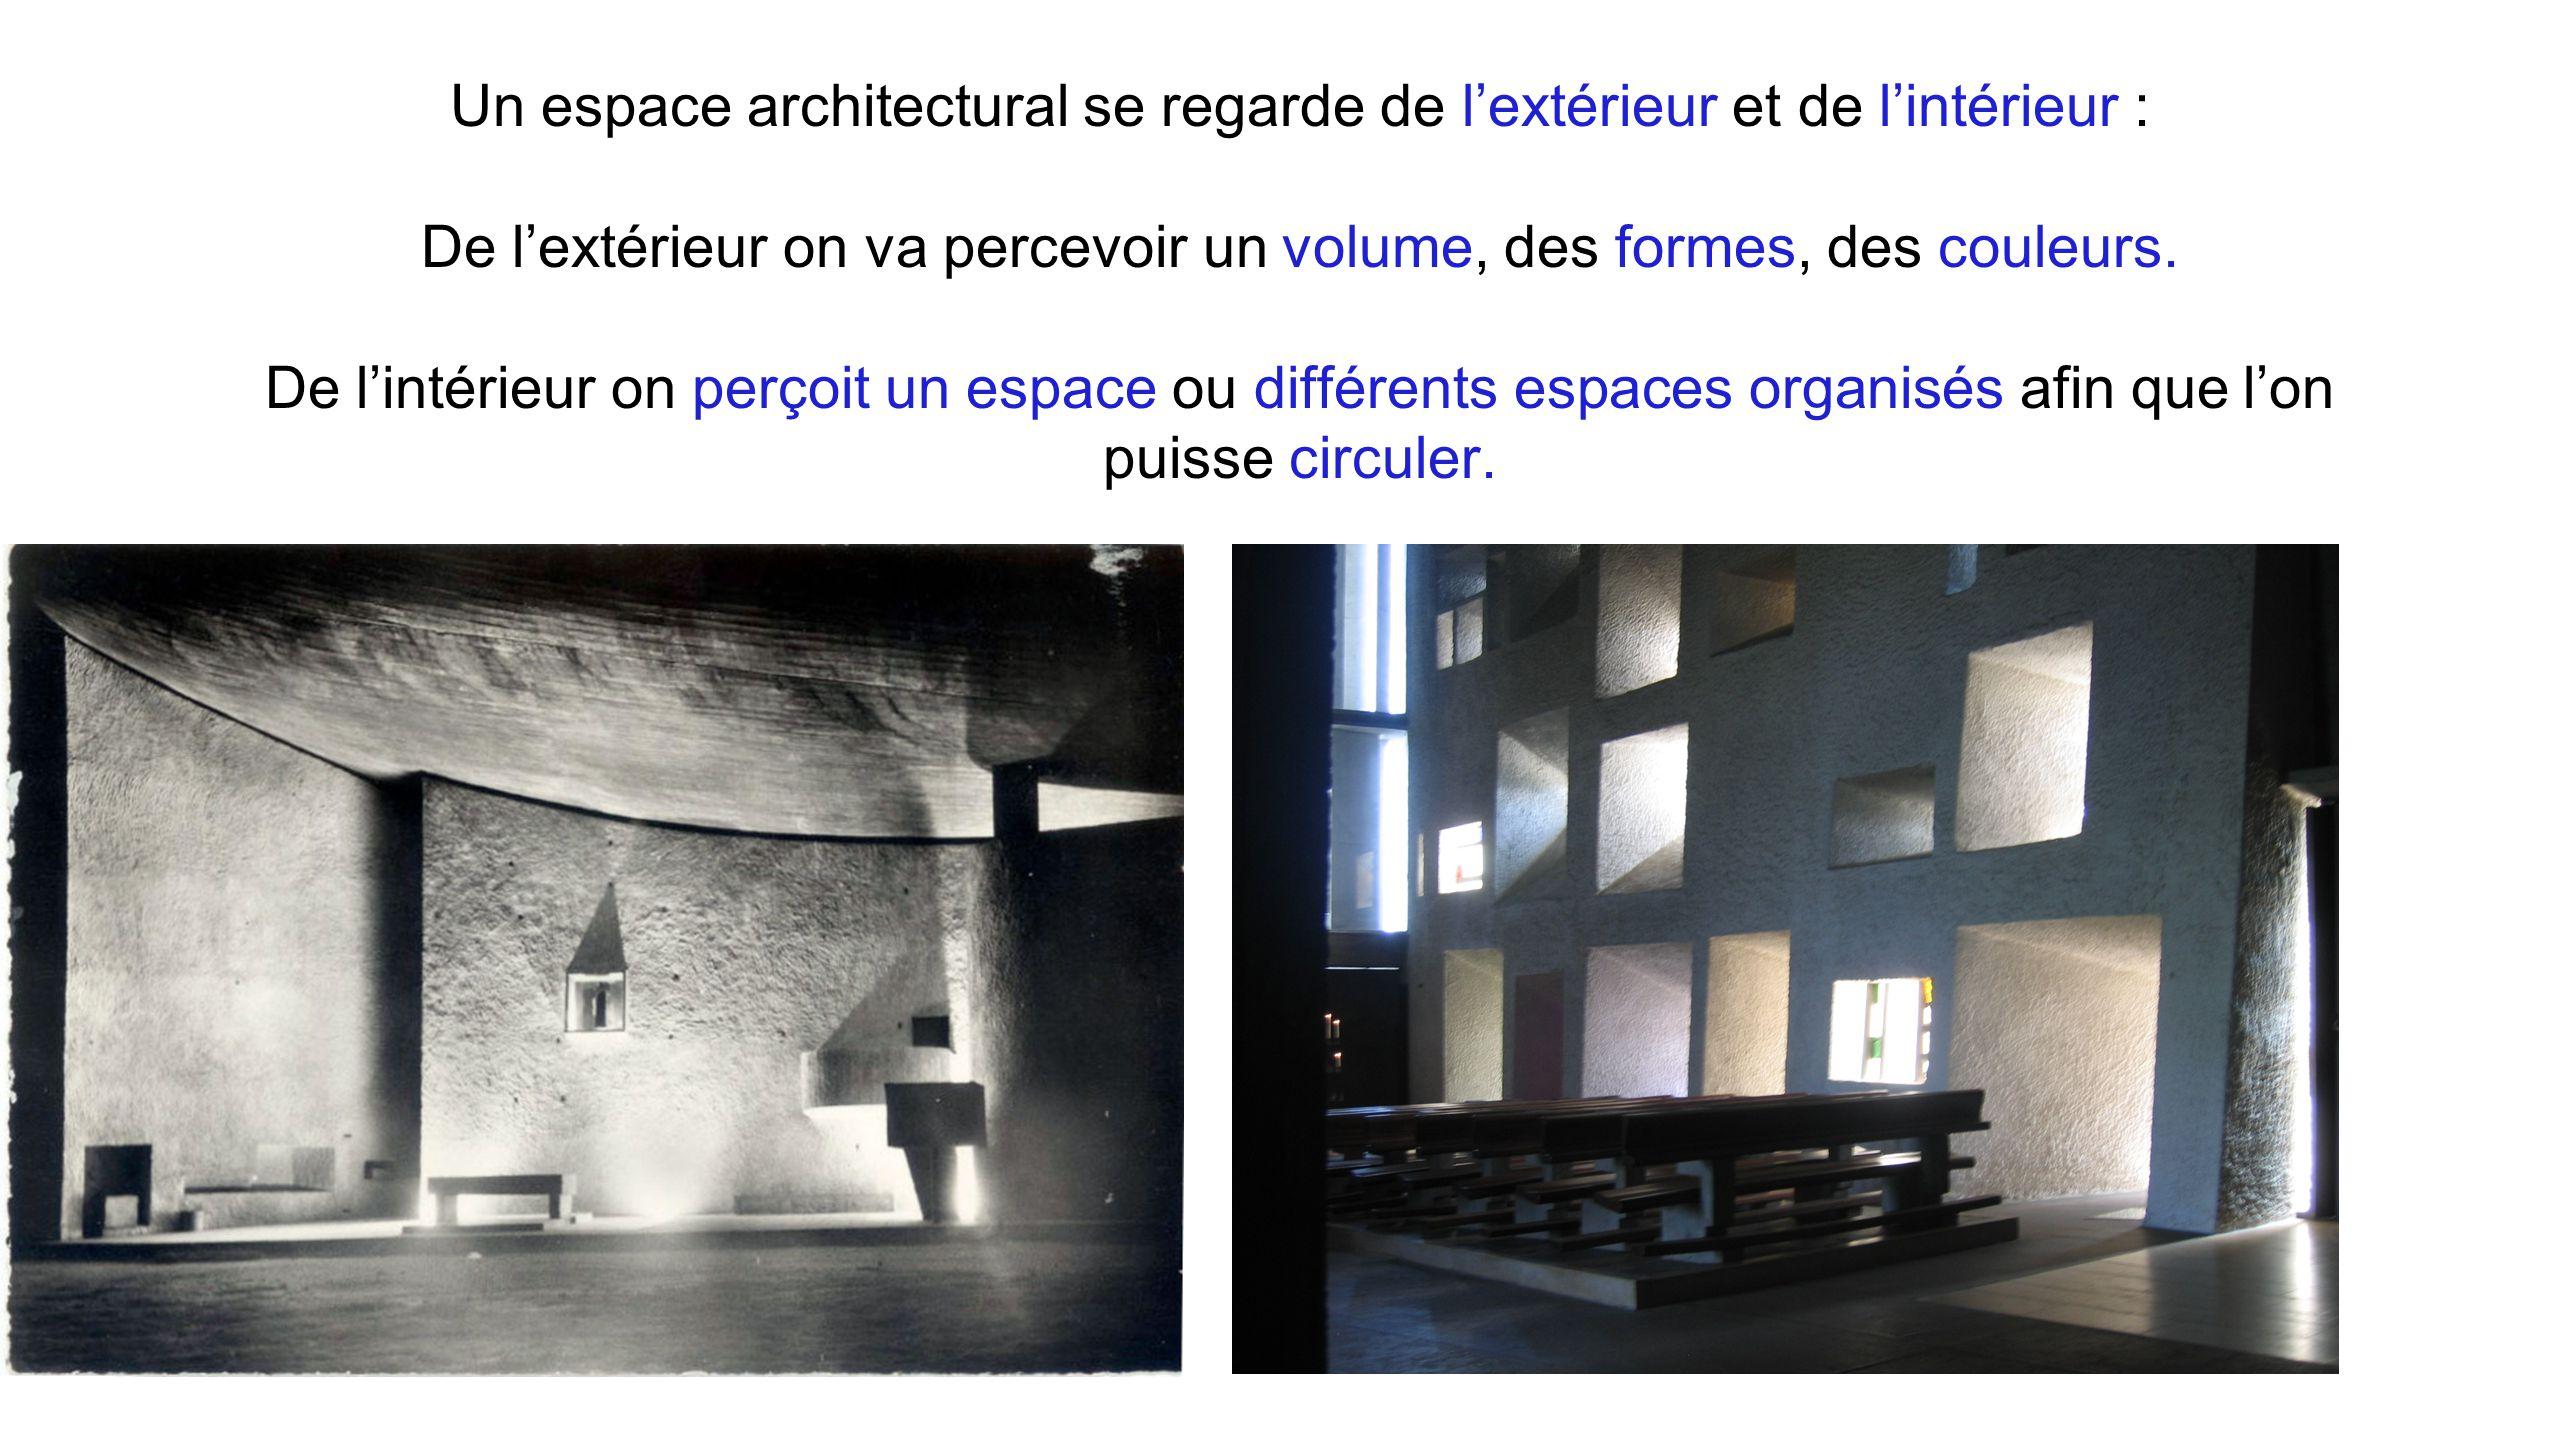 Un espace architectural se regarde de l'extérieur et de l'intérieur : De l'extérieur on va percevoir un volume, des formes, des couleurs. De l'intérieur on perçoit un espace ou différents espaces organisés afin que l'on puisse circuler.